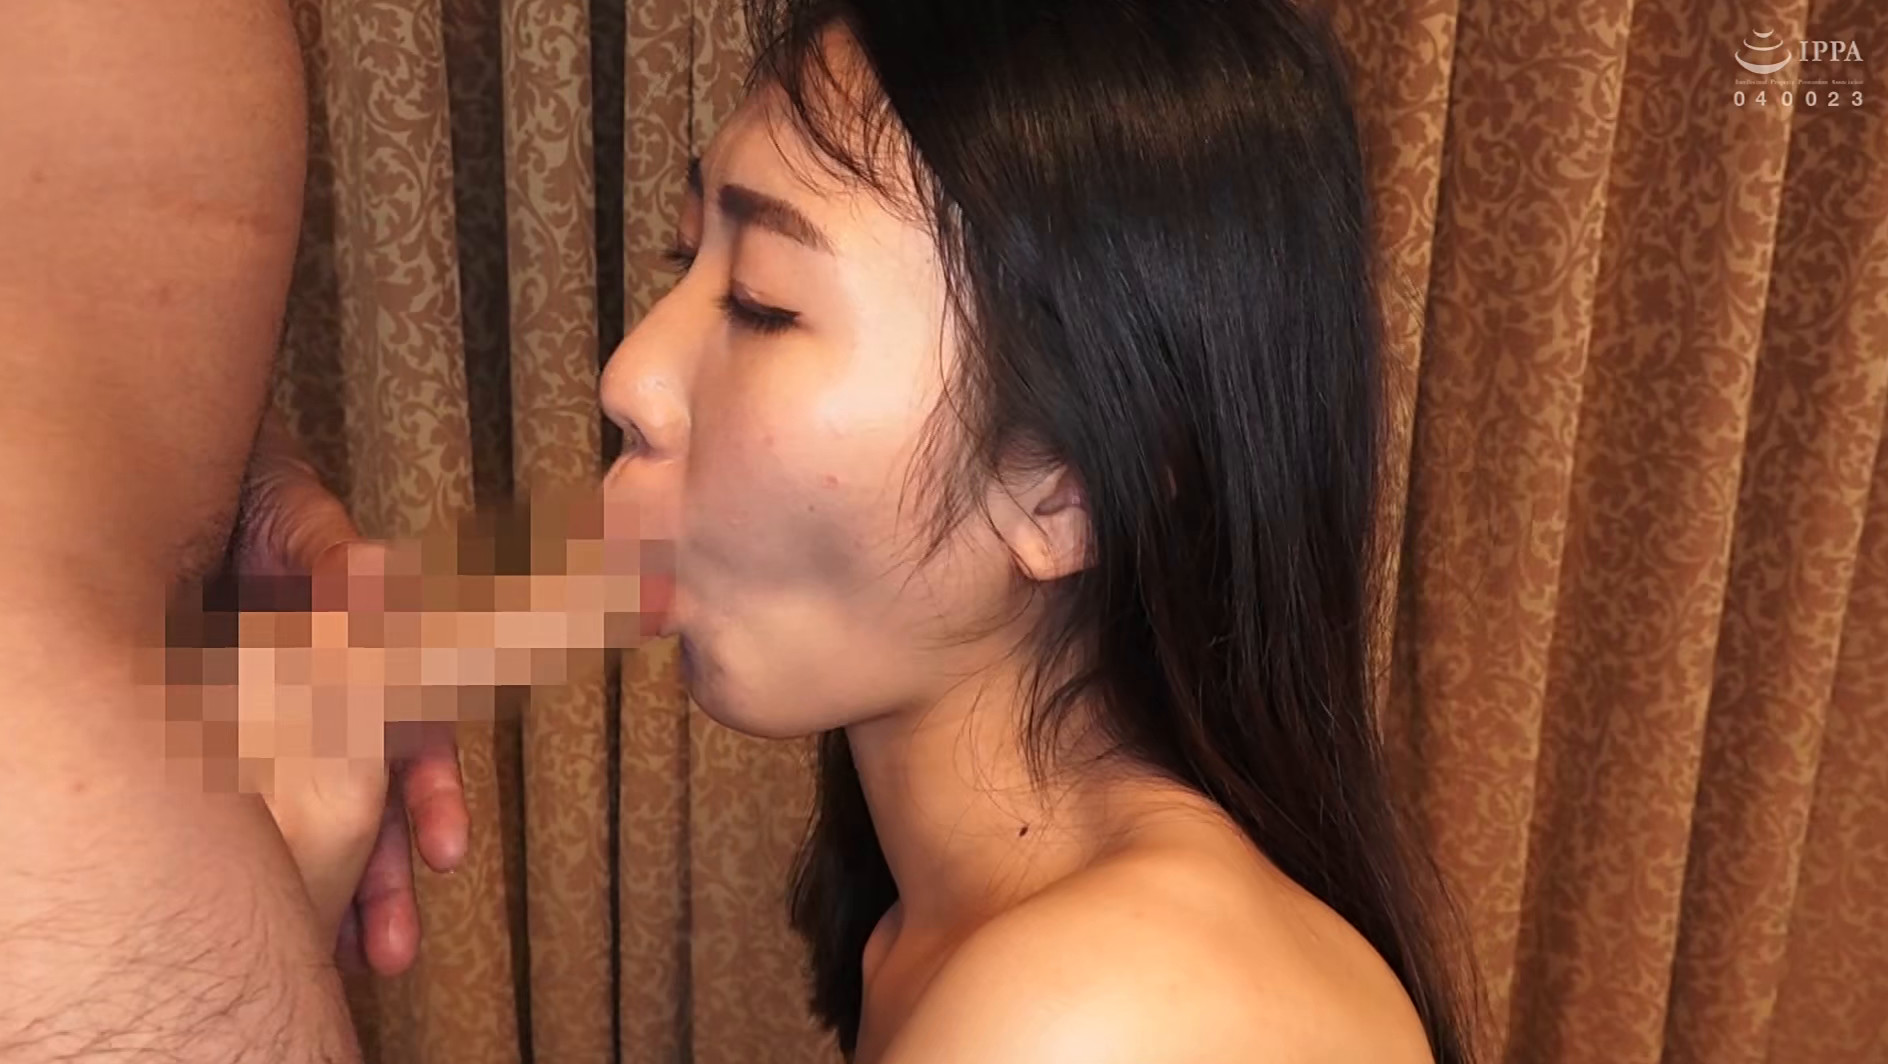 韓国全土で見つけた!凄まじいSEXポテンシャルを持ったオルチャン美女 9人4時間 画像17